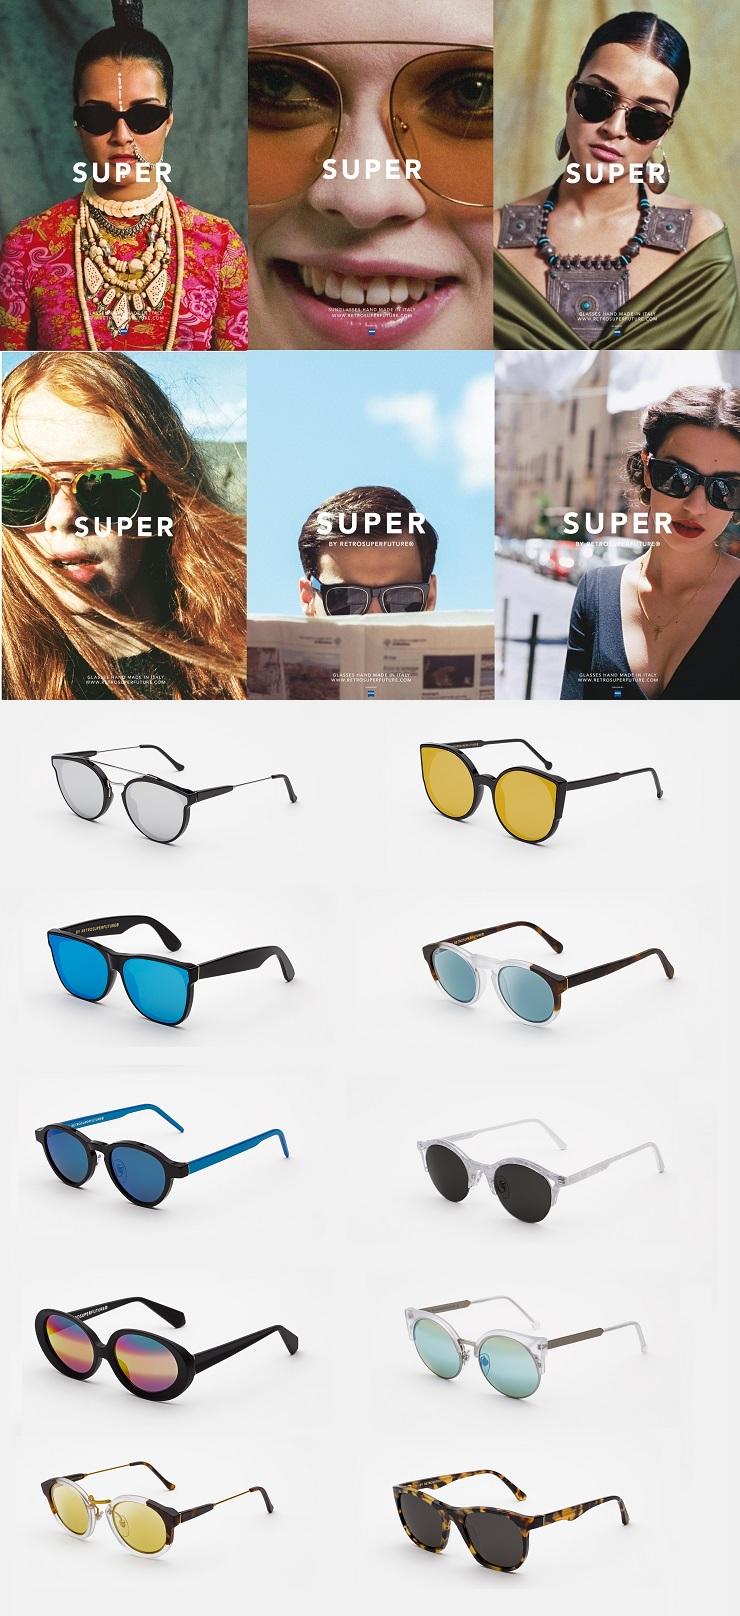 מסגרות משקפי שמש ומשקפי ראיה super retro